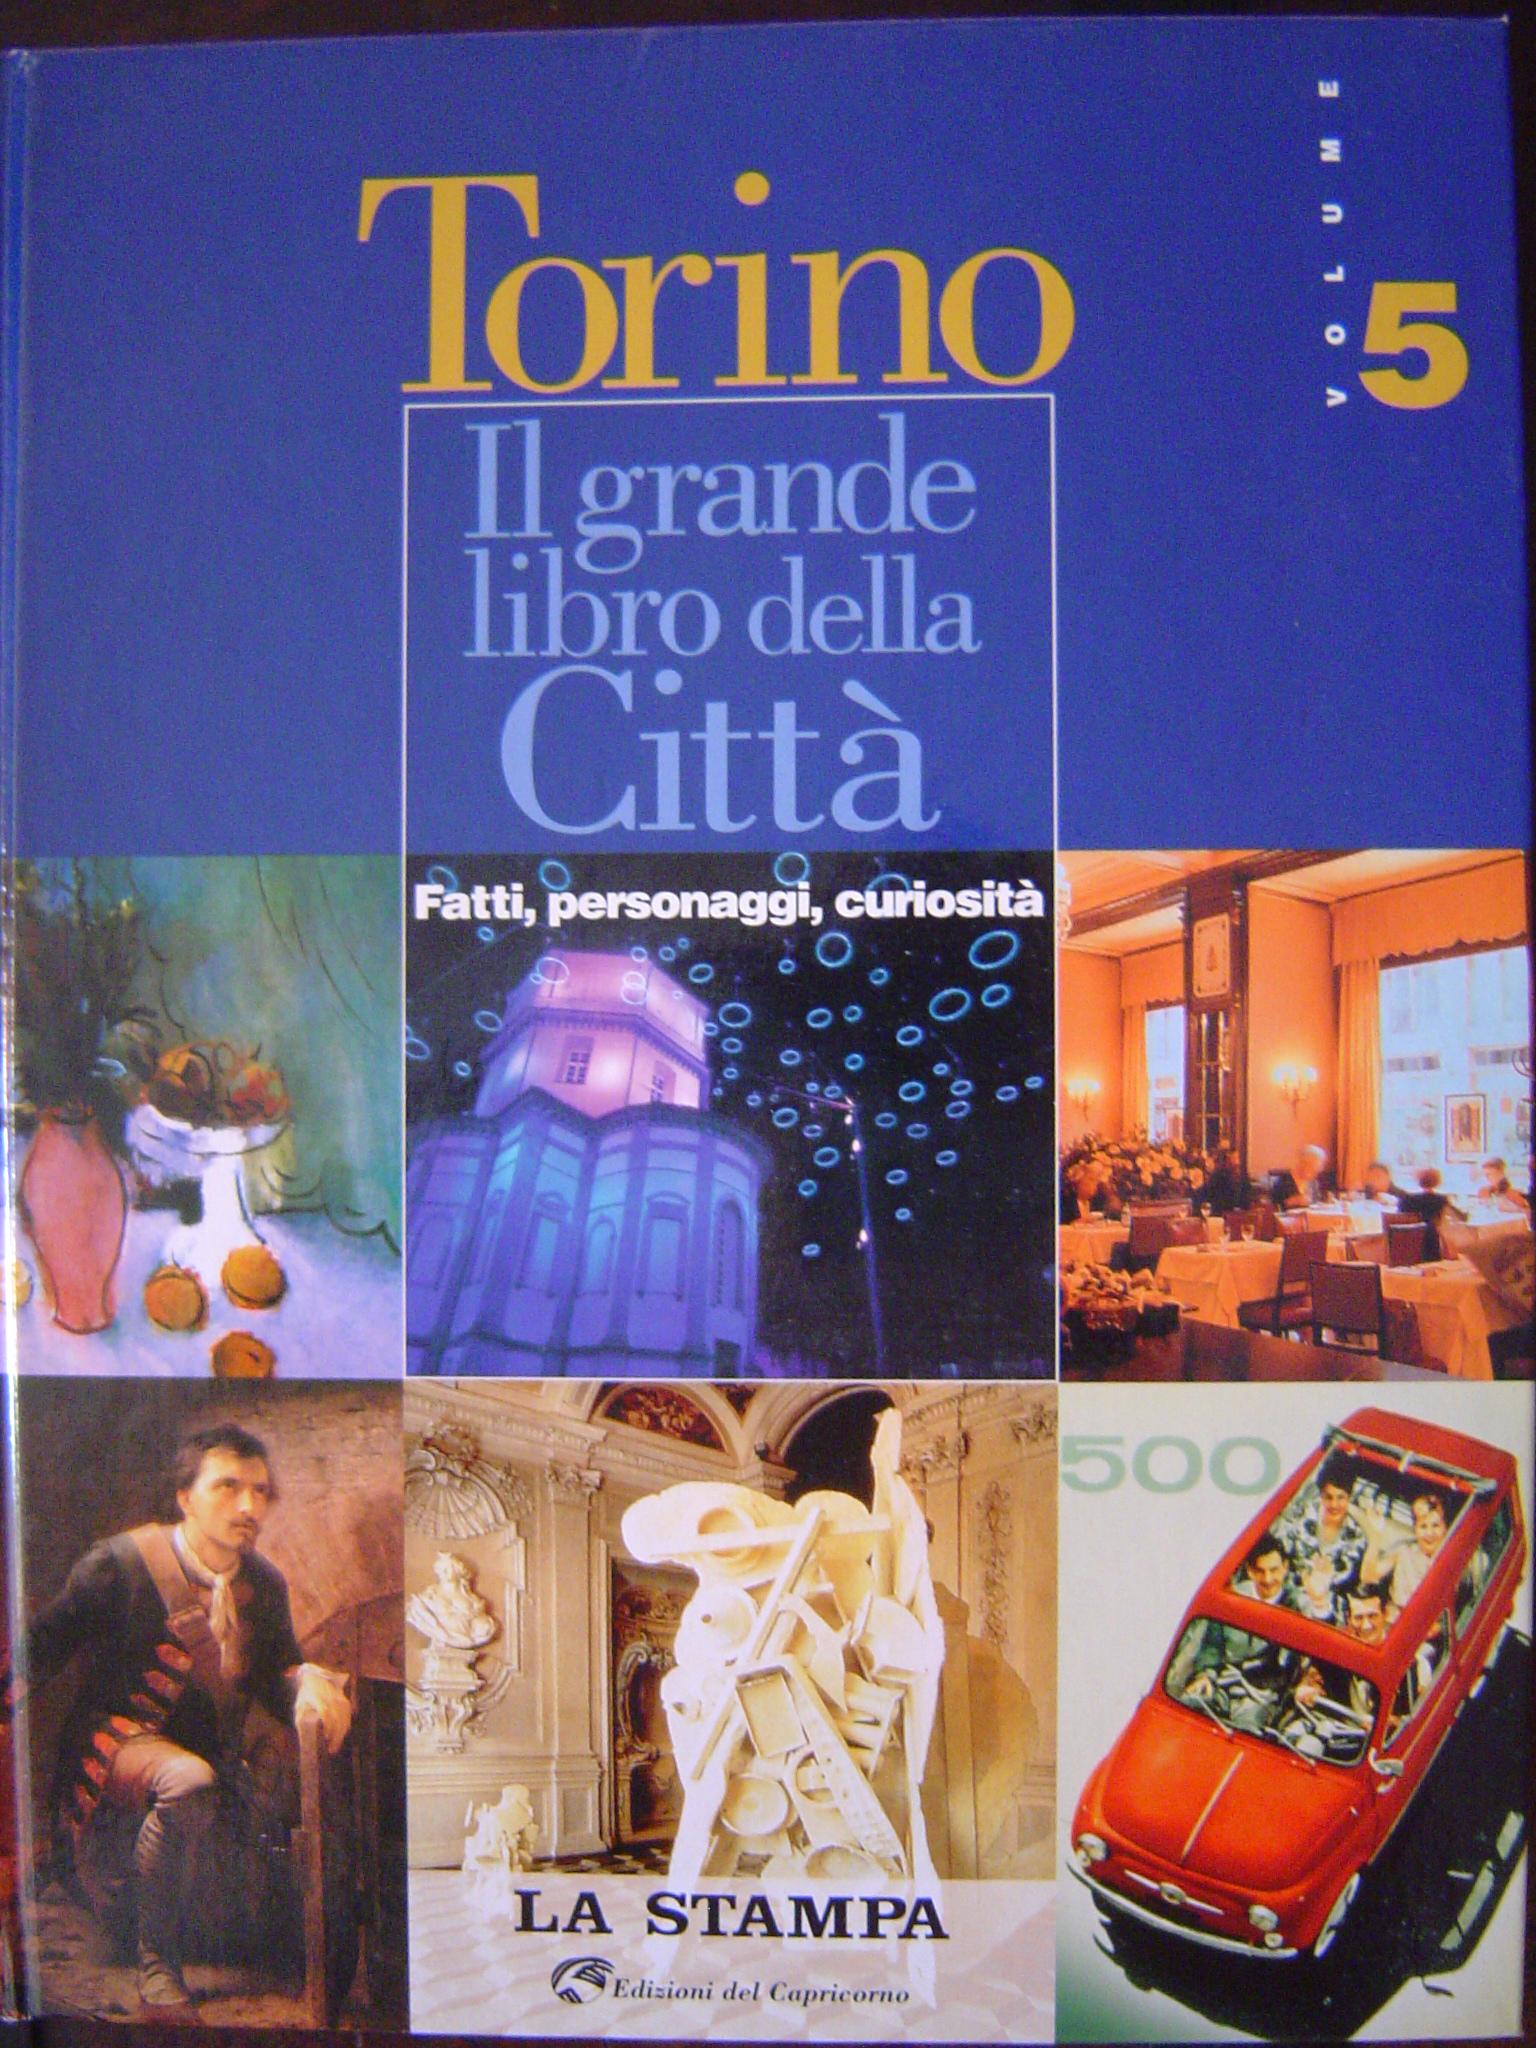 Torino il grande libro della città: Fatti, personaggi, curiosità - Vol. 5